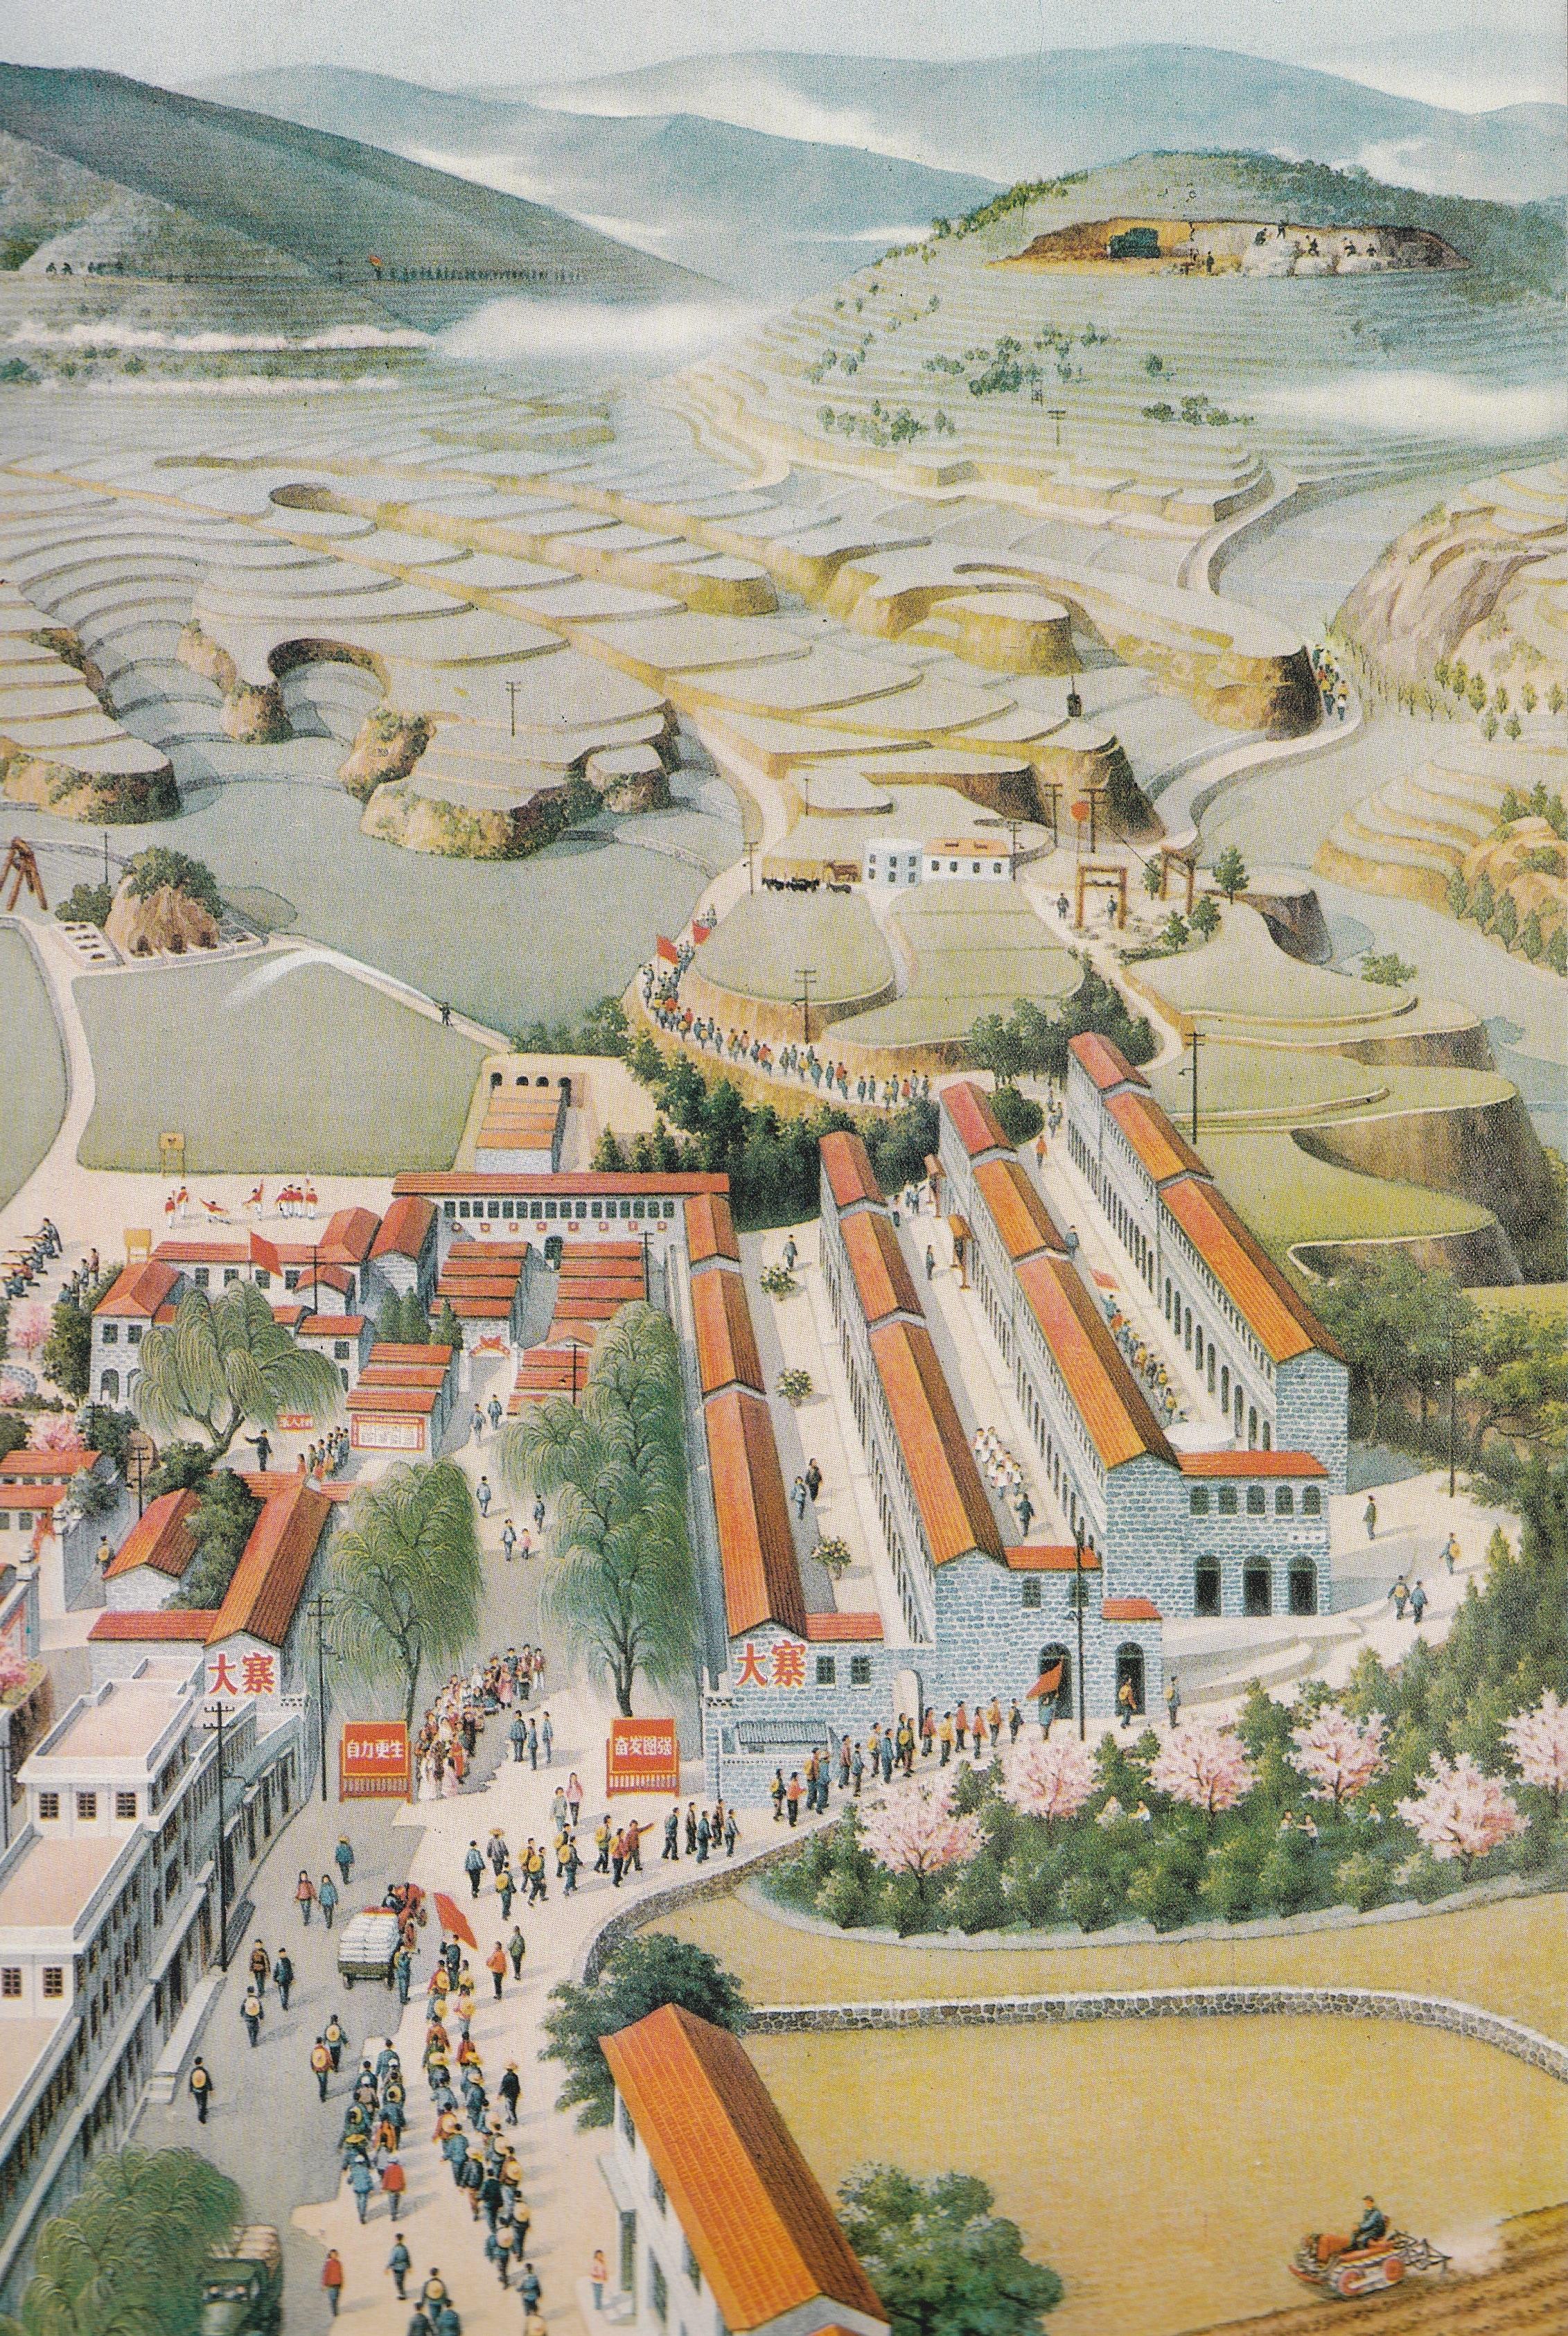 3 - Dazai - Veduta Urbano-territoriale del Villaggio, 1976